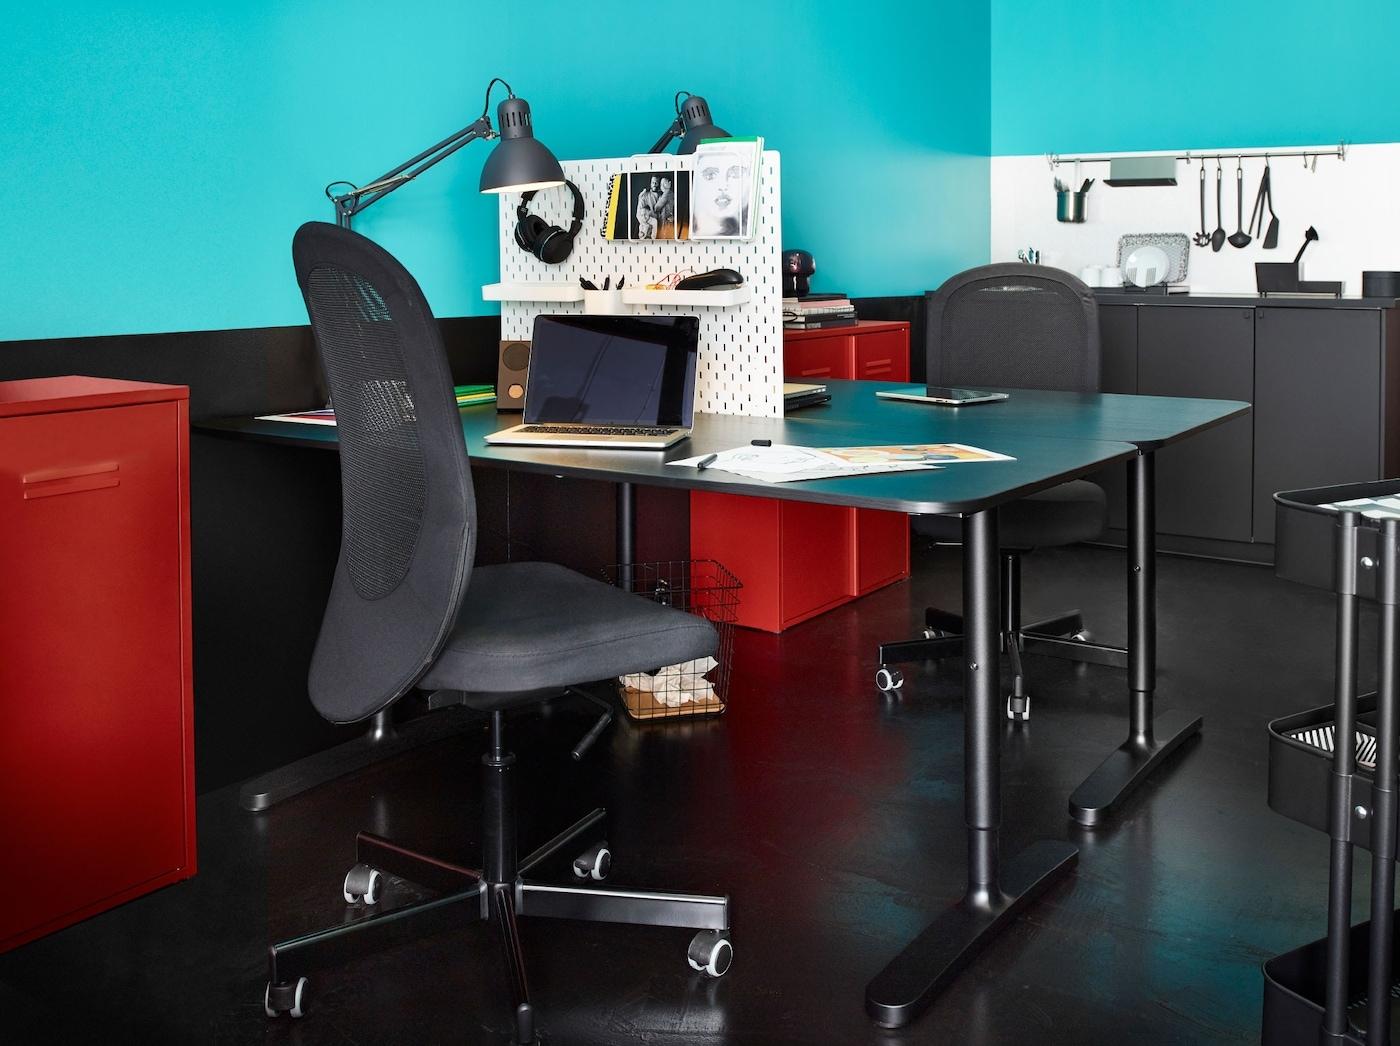 Dwa ustawione naprzeciwko siebie biurka rozdzielone tablicą perforowaną SKÅDIS. Każde z nich uzupełniono krzesłem FLINTAN, lampą biurkową TERTIAL i czerwoną szafką IVAR.